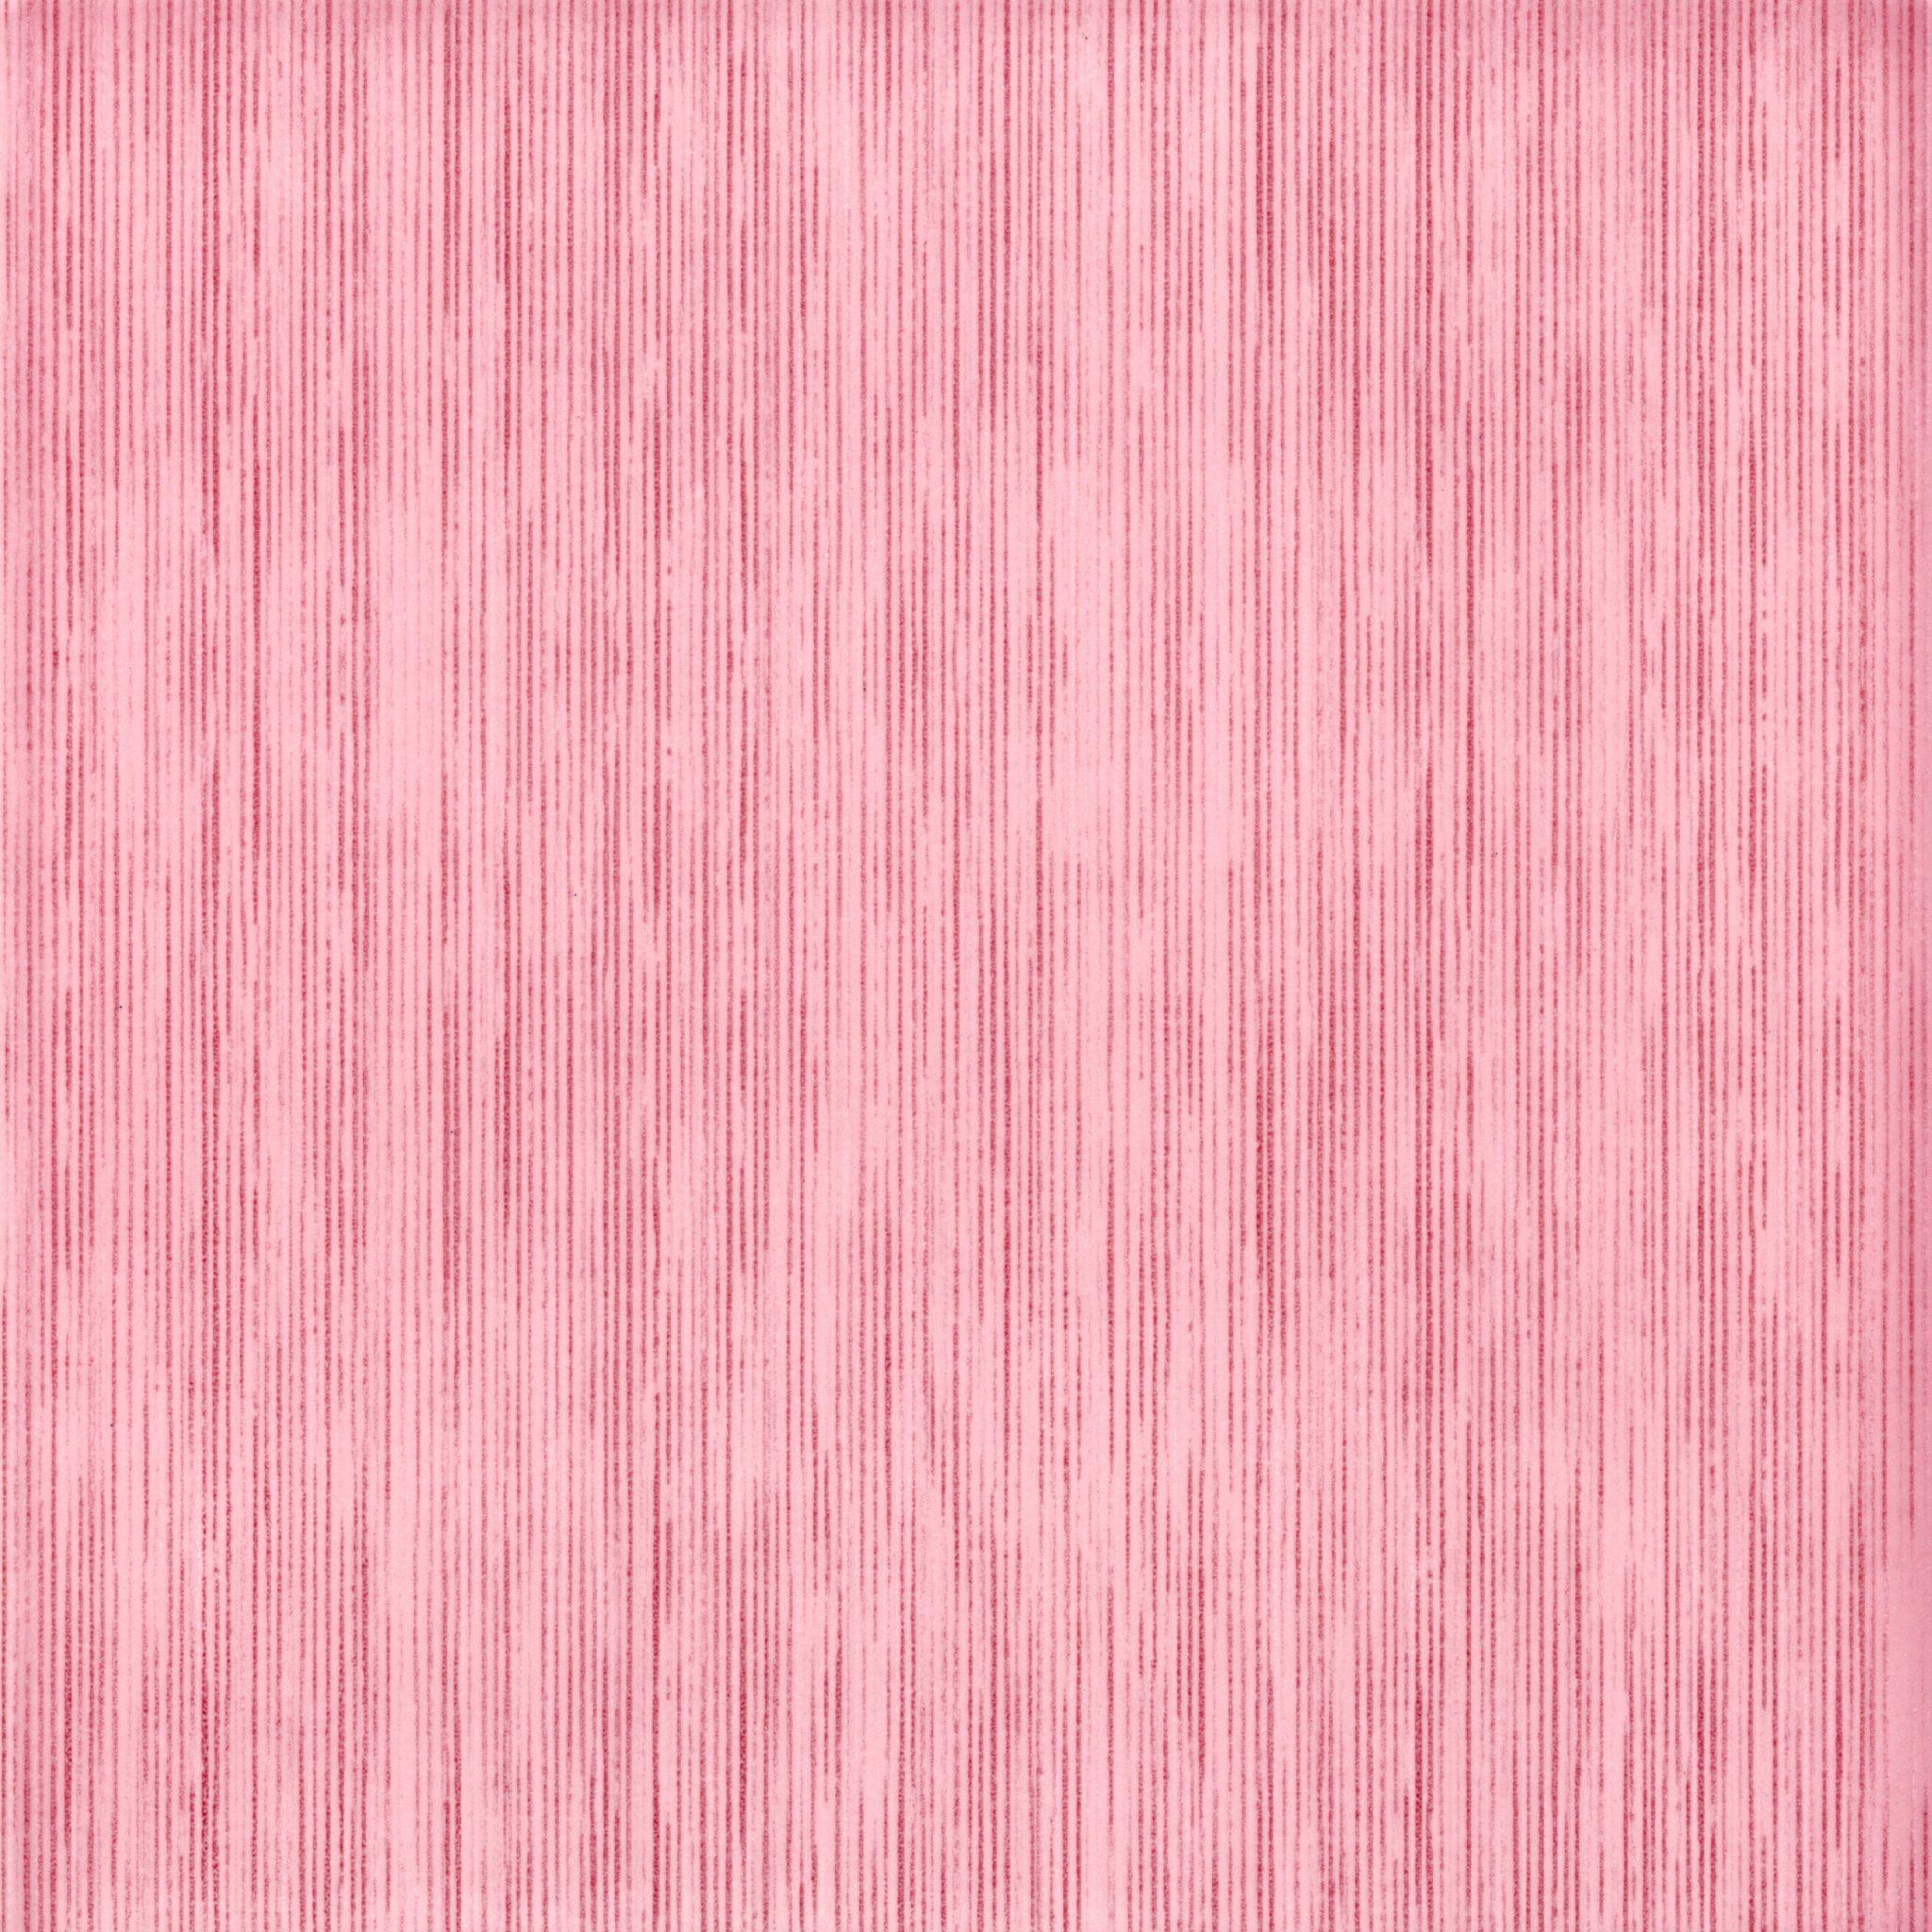 Alba напольная плитка (лиловая), 30х30